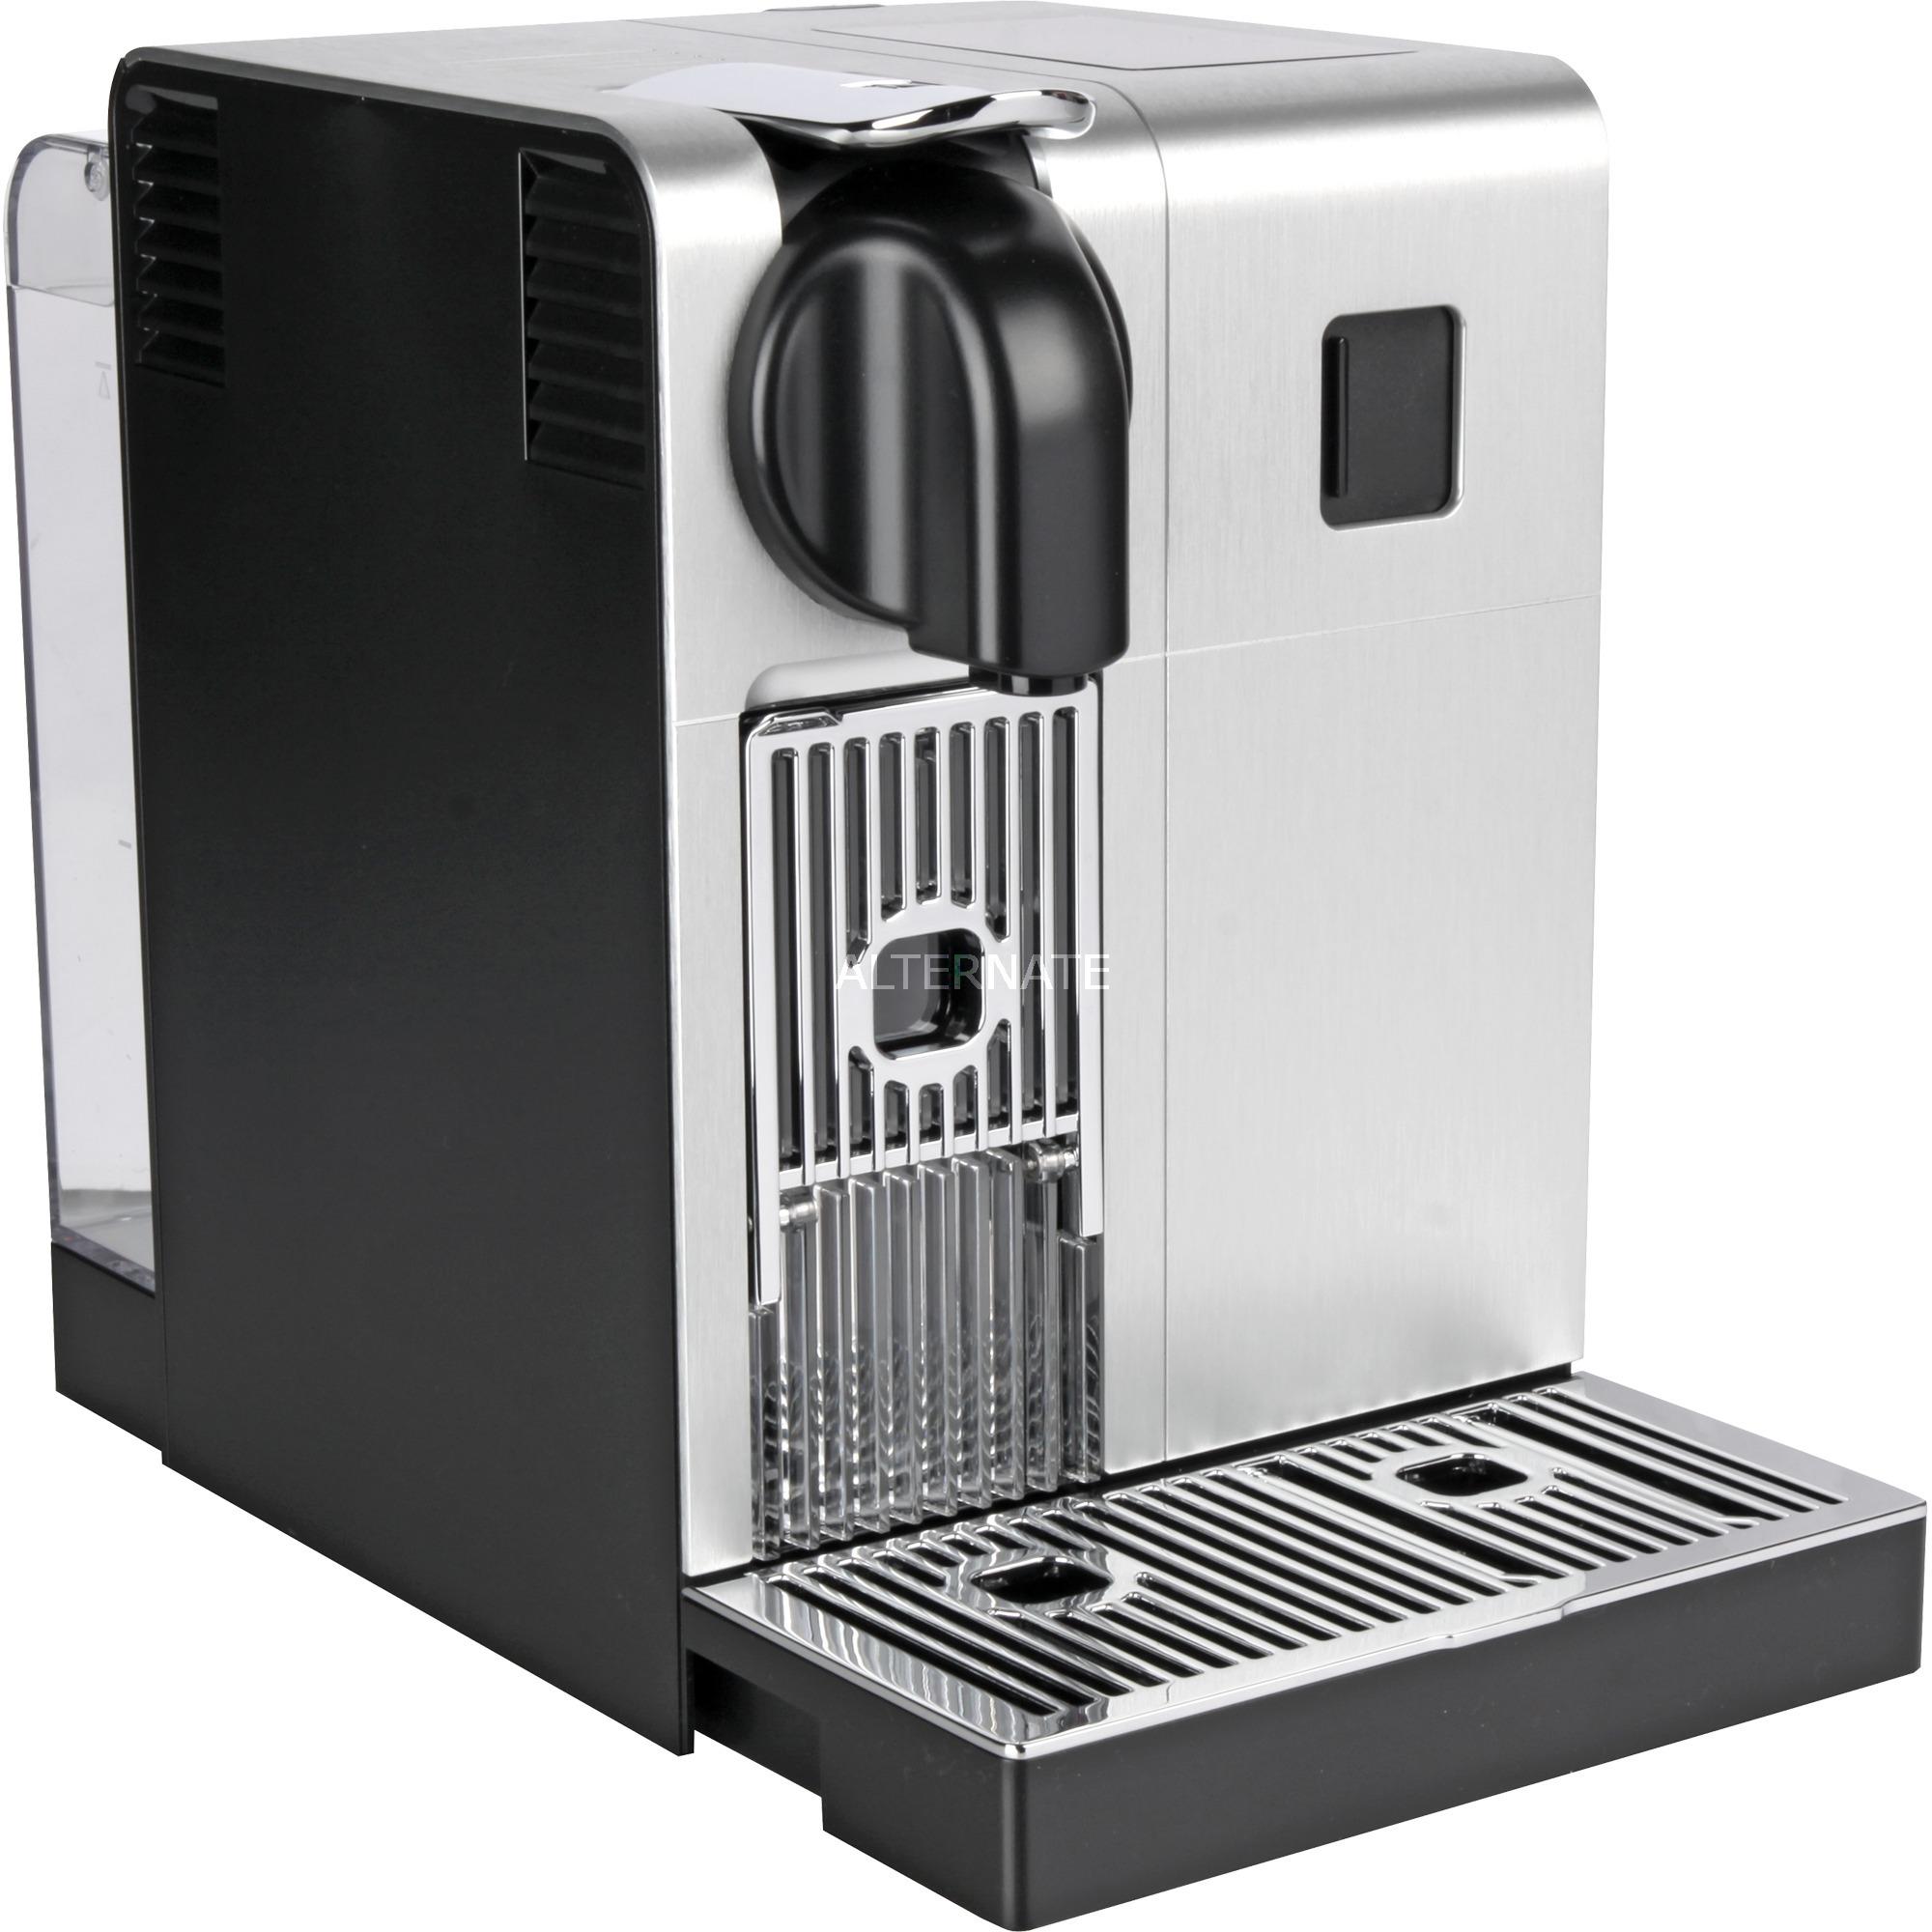 Lattissima Pro EN 750.MB Independiente Máquina de café en cápsulas Aluminio, Negro 1,3 L Totalmente automática, Cafetera de cápsulas